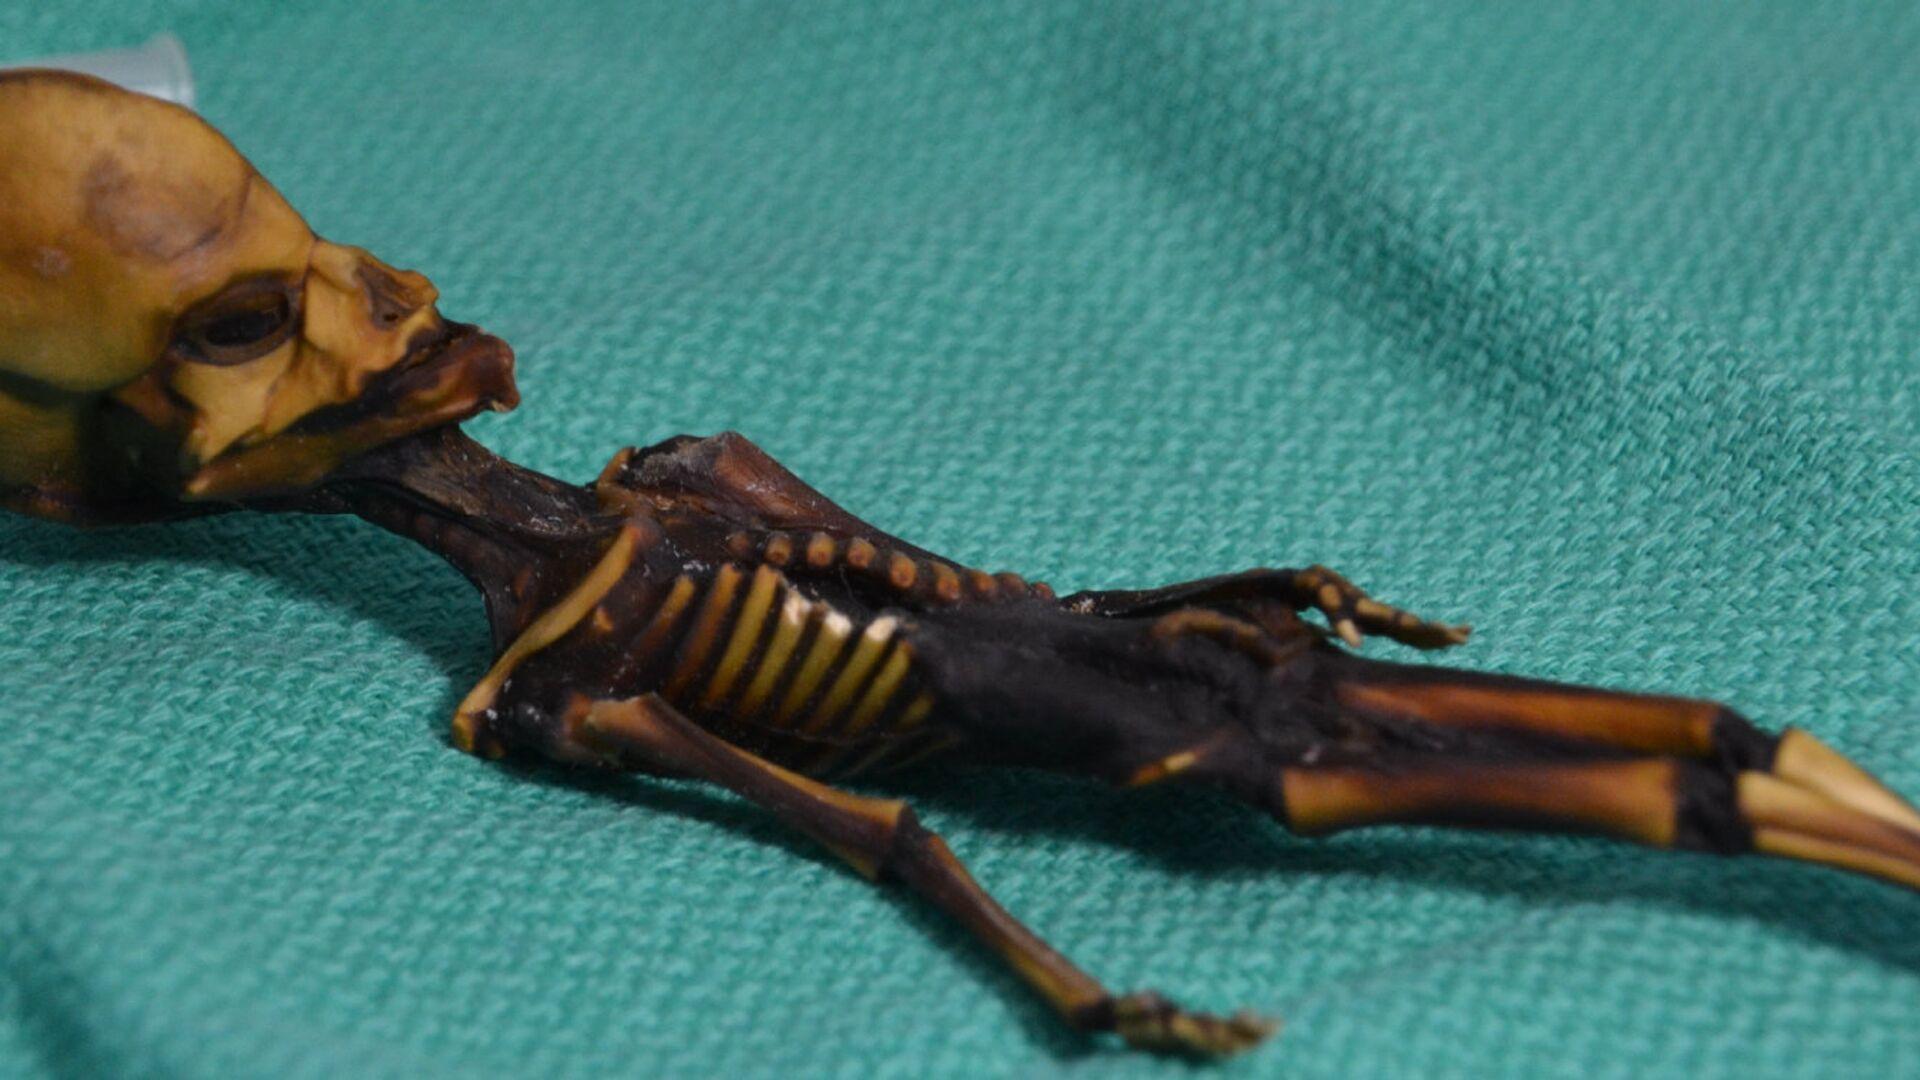 Атакамский гуманоид, найденный в 2003 году в пустыне в Чили - РИА Новости, 1920, 26.09.2020